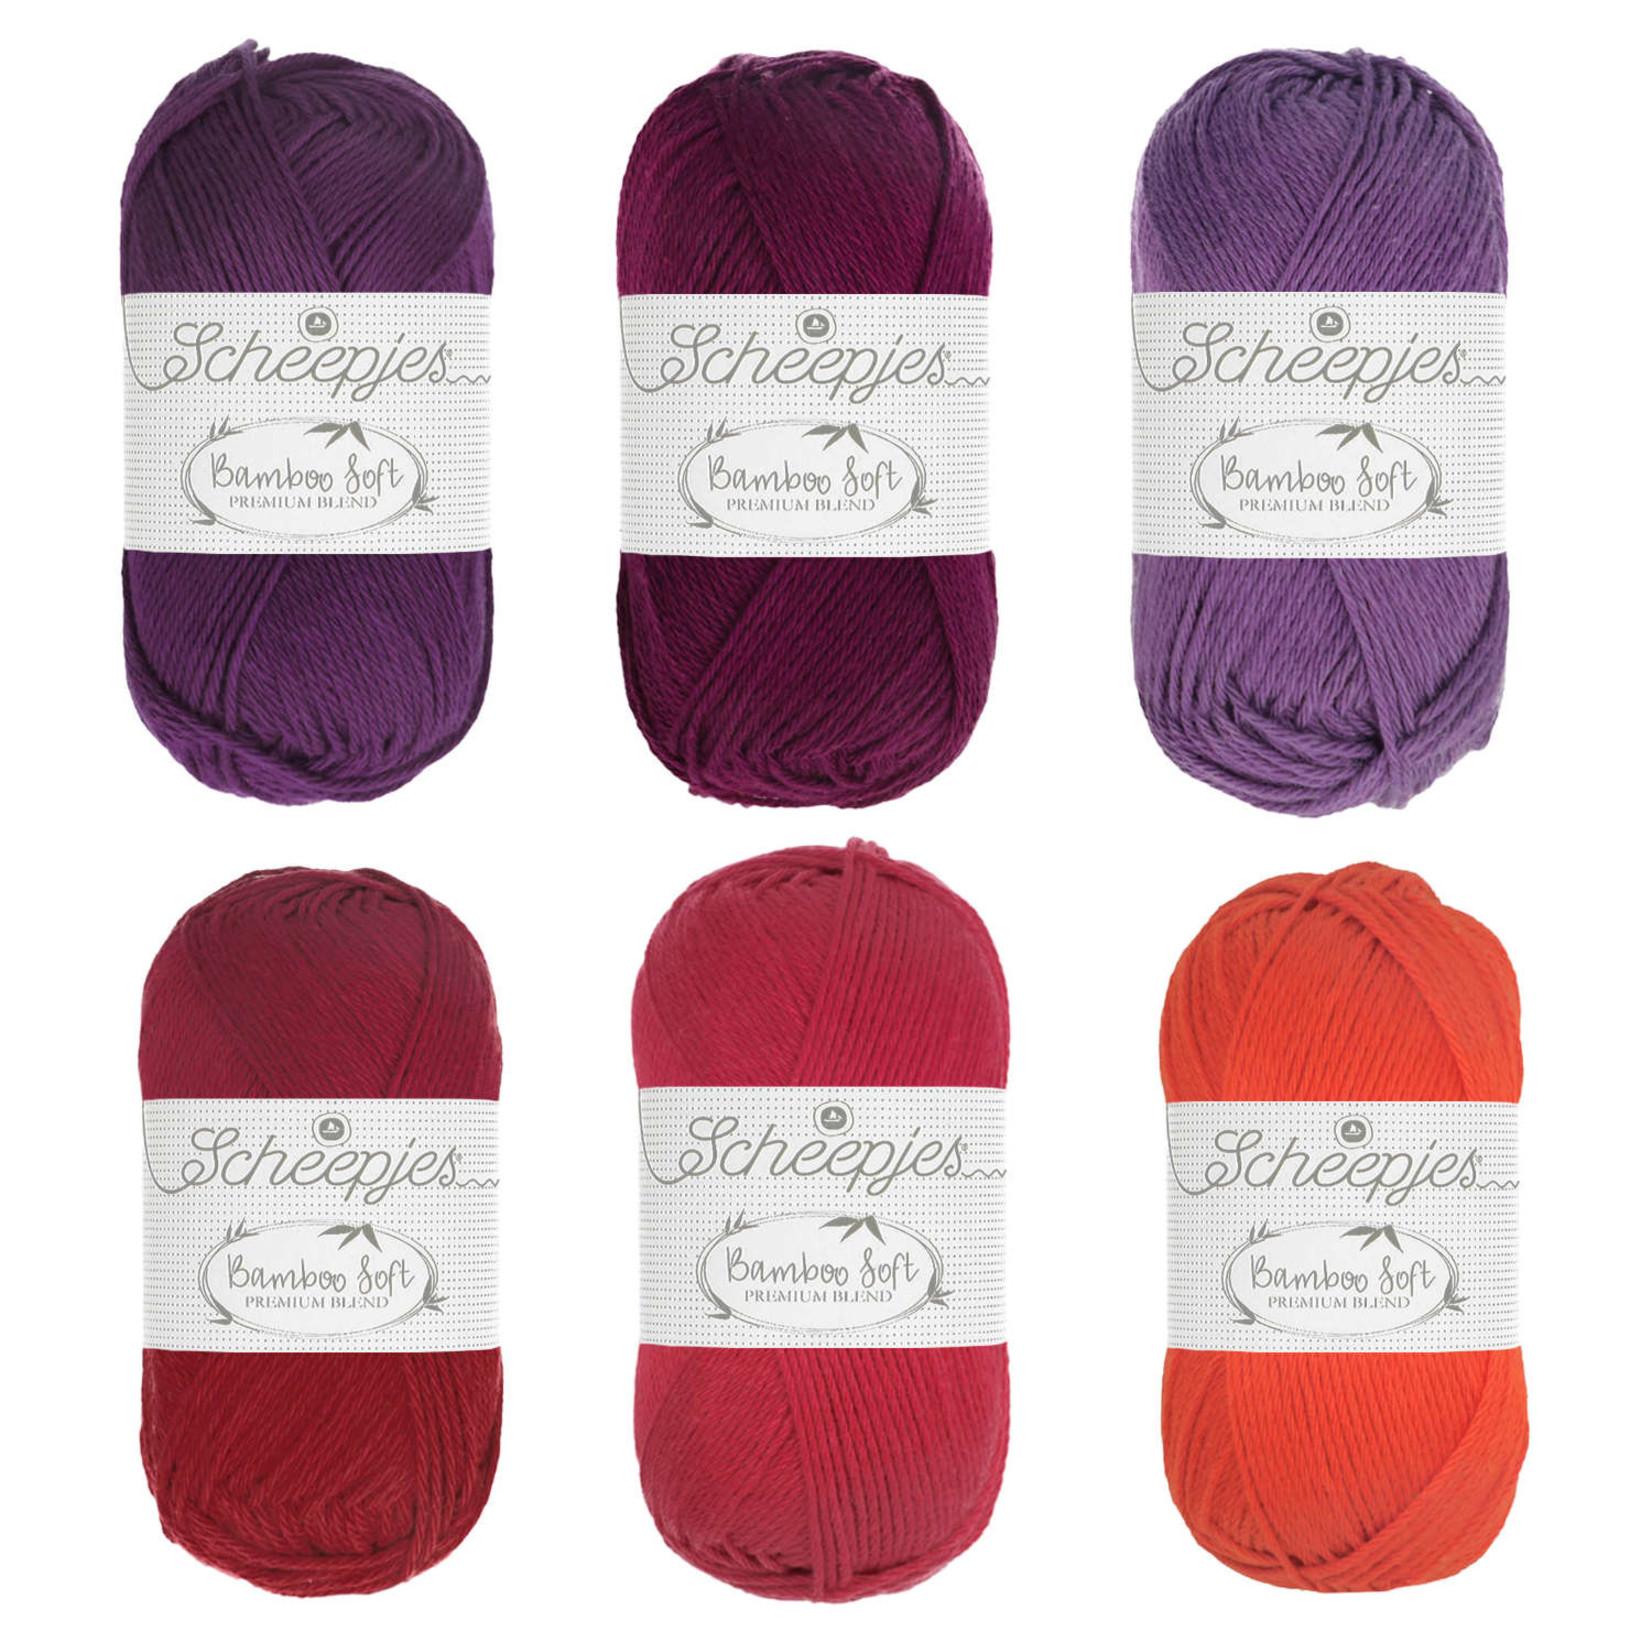 Scheepjes Scheepjes Bamboo Soft Assortiment Rood - 6 kleuren rood/paarstinten per 1 bol van 50 gr. = 6 bollen